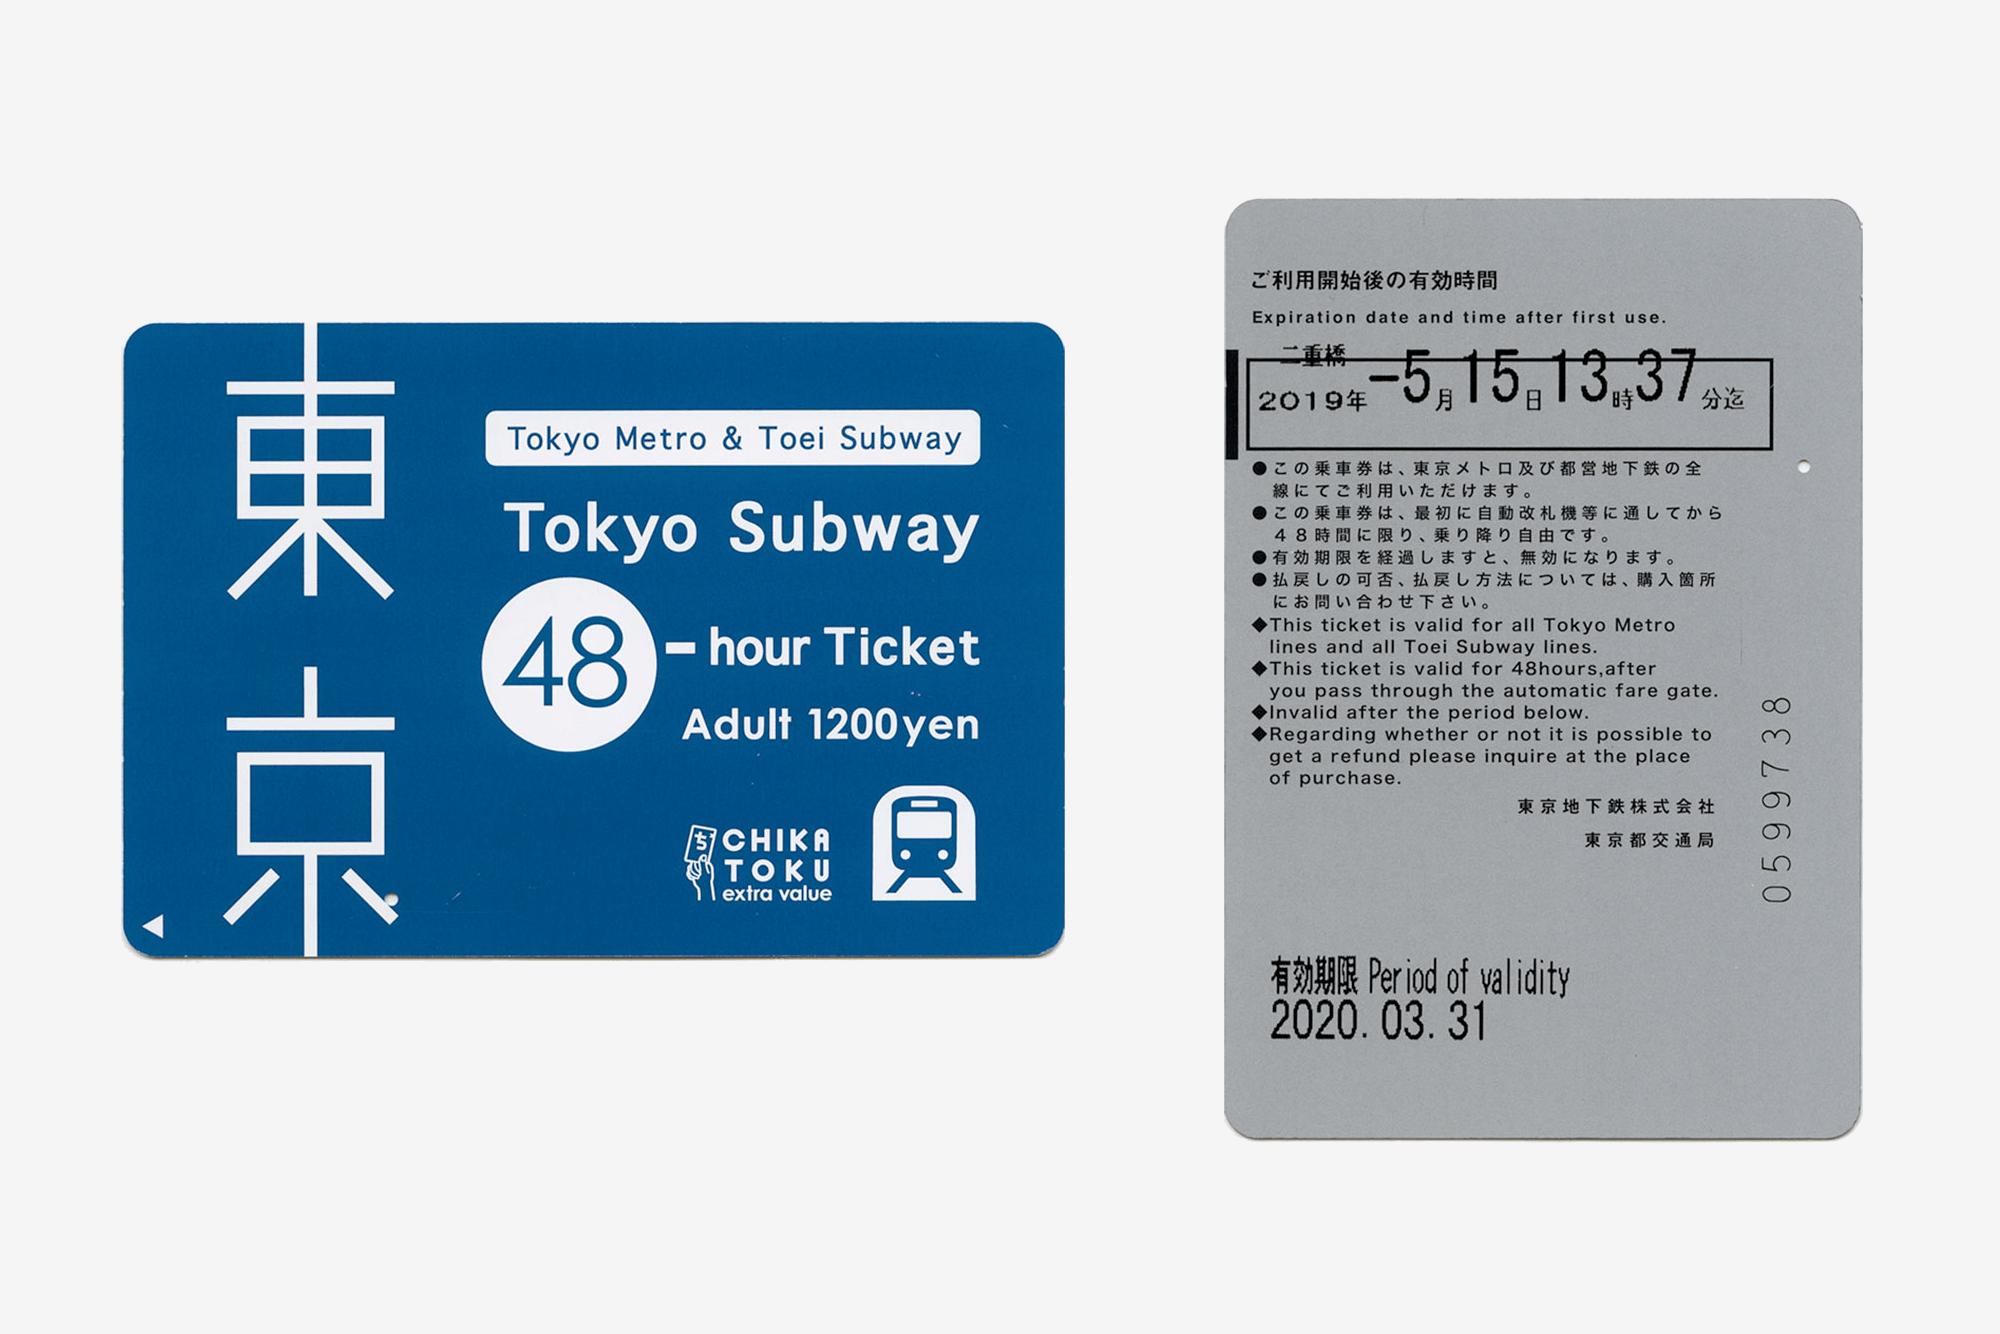 Мой проездной на поезда обоих операторов токийского метро